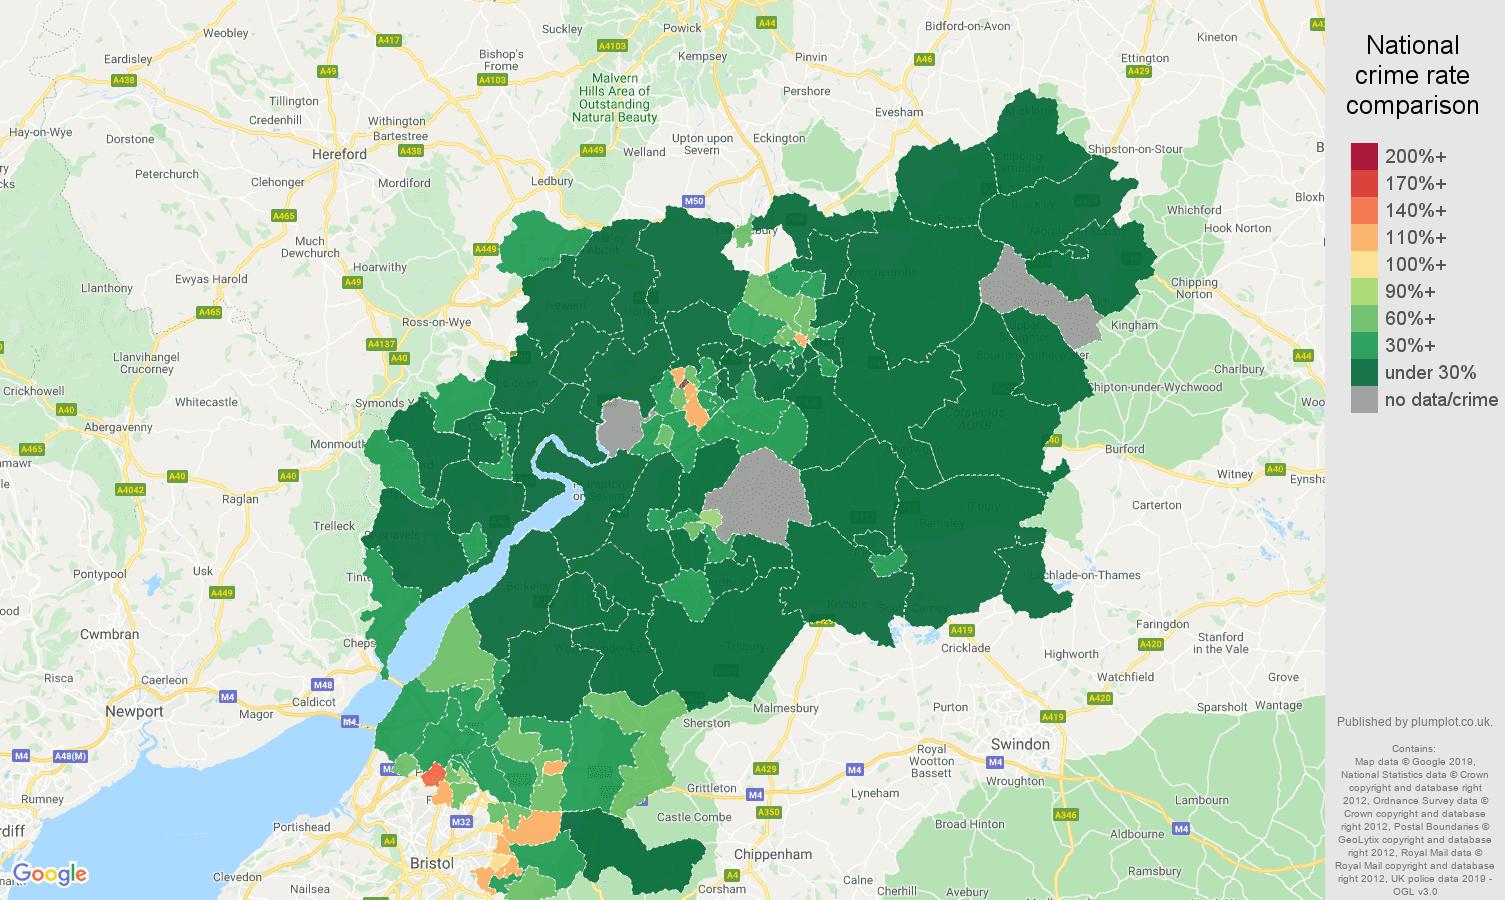 Gloucestershire public order crime rate comparison map